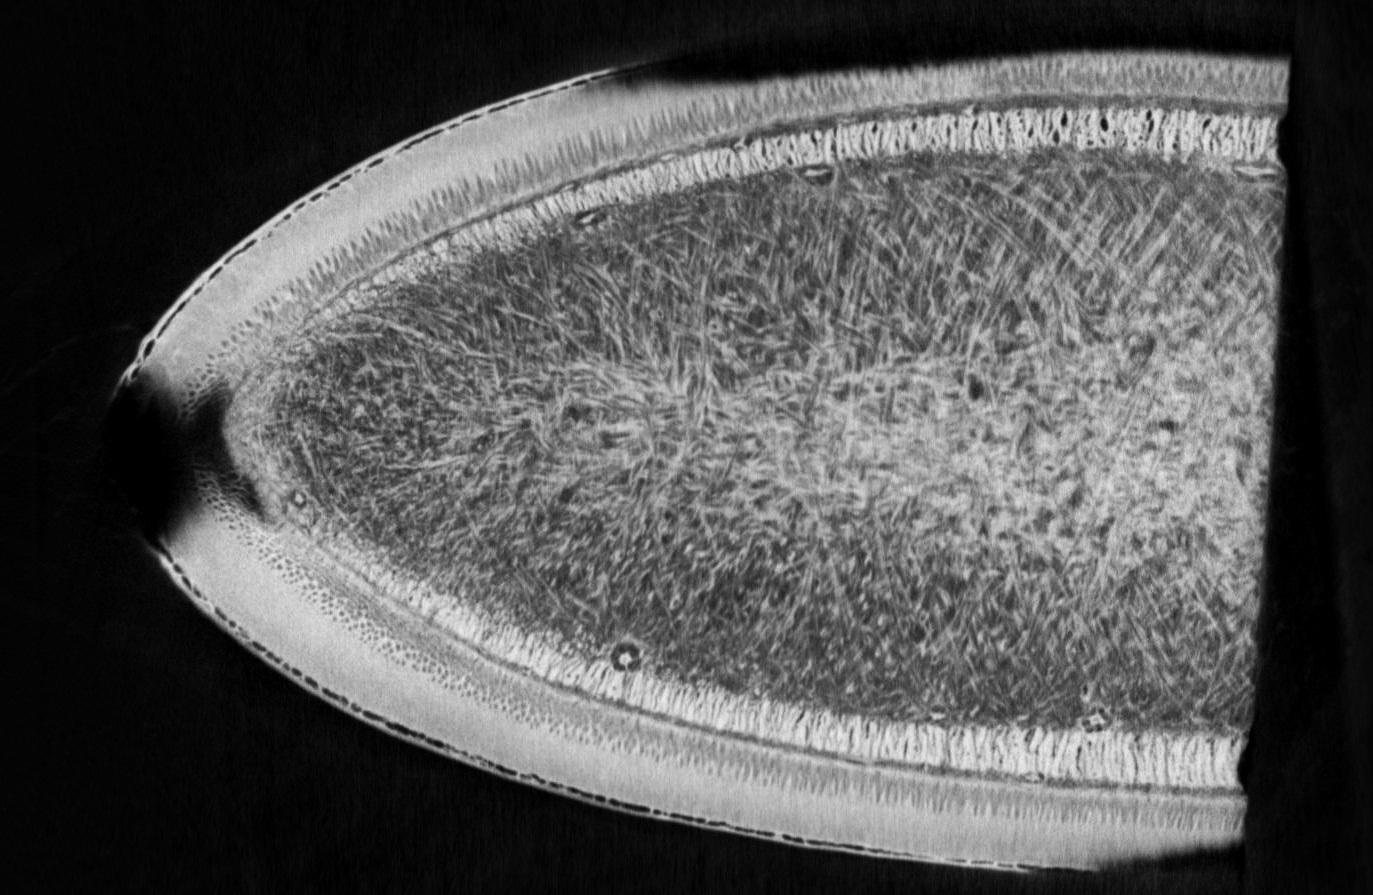 μCT images of the mid‐span location of  P. phocoena  at the leading edge subsections(visualizing the chordwise sectional face). The chordline used for measurement of acute fiber angles was perpendicular to the cut edge of each tissue section.